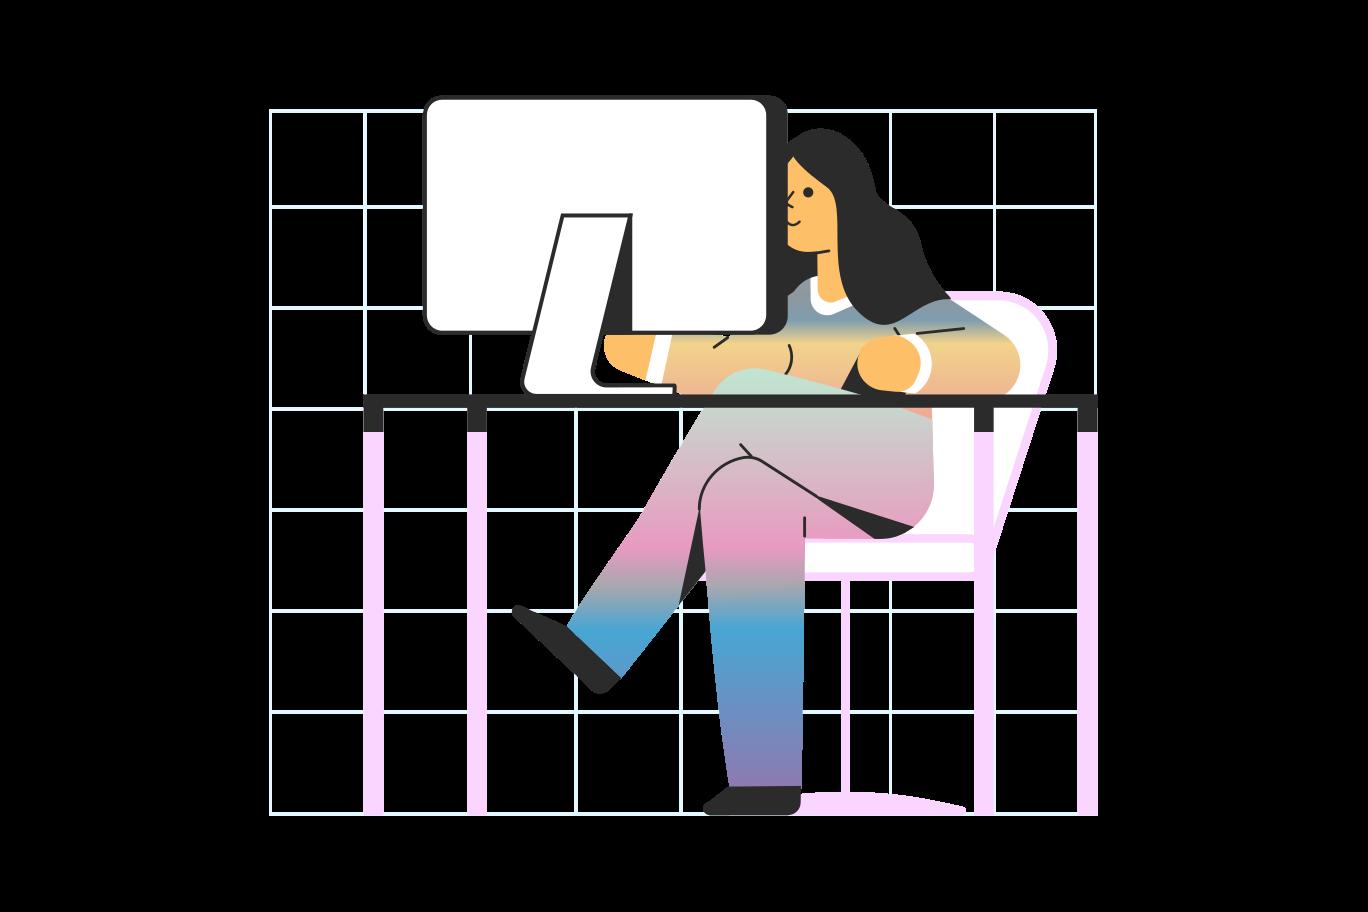 Imágenes vectoriales trabajando en PNG y SVG estilo  | Ilustraciones Icons8